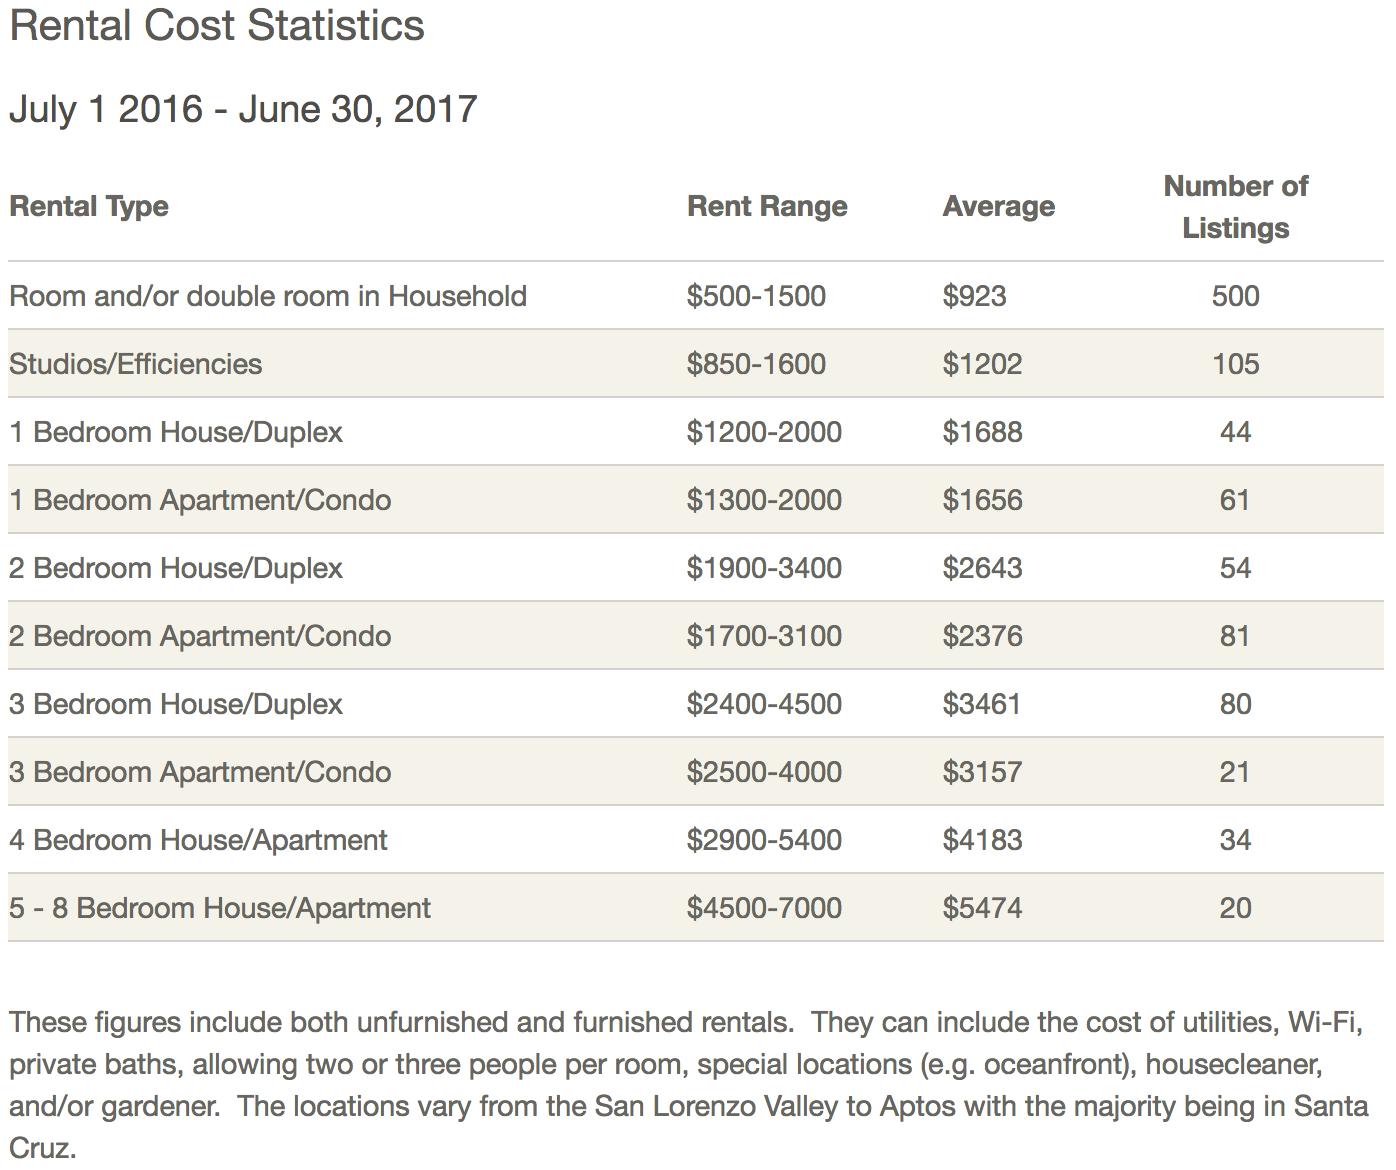 Source: UC Santa Cruz https://communityrentals.ucsc.edu/cost/index.html